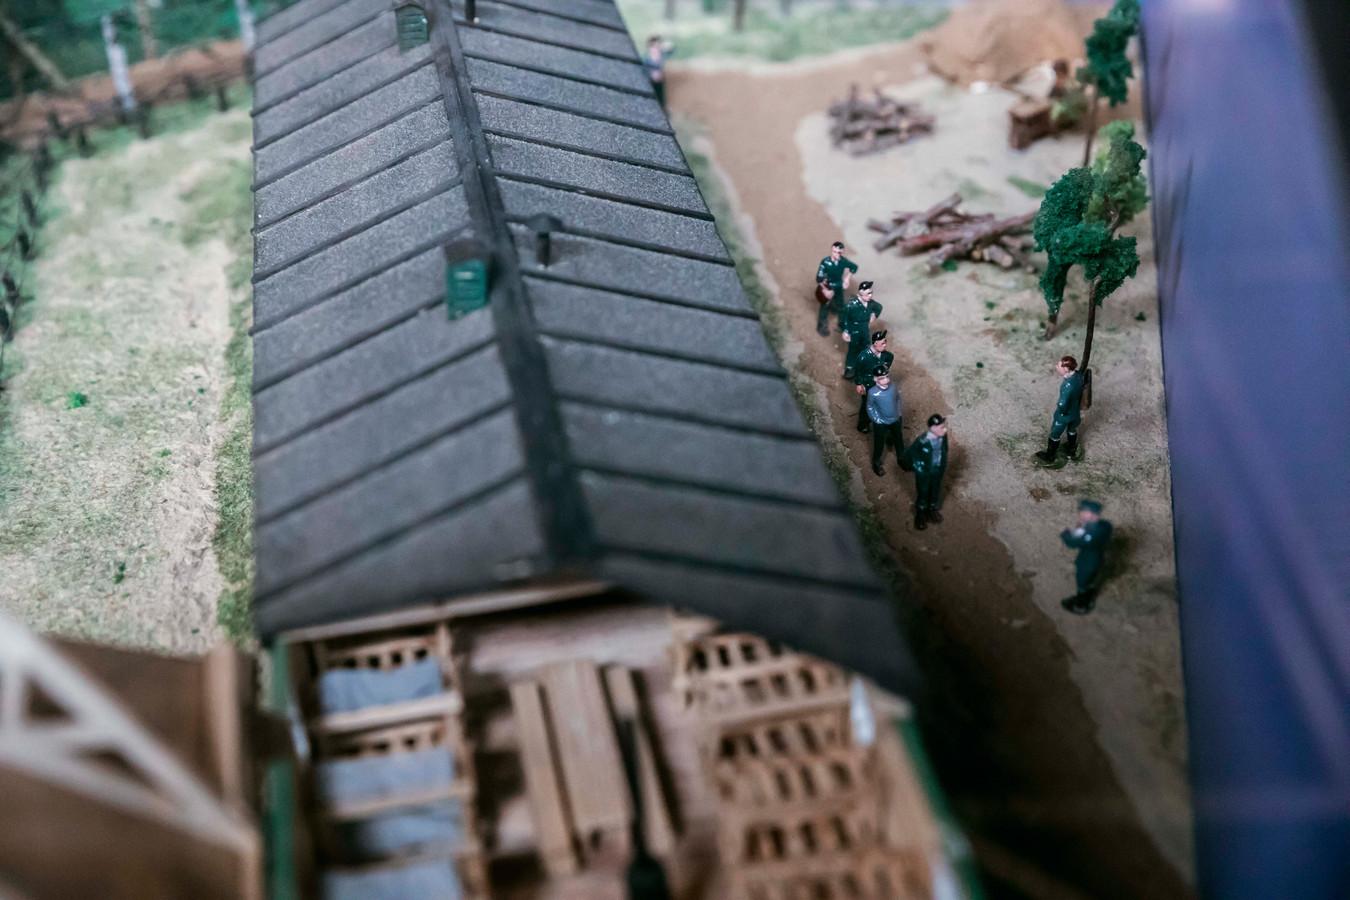 Een maquette toont hoe het Russisch kamp eruitzag.